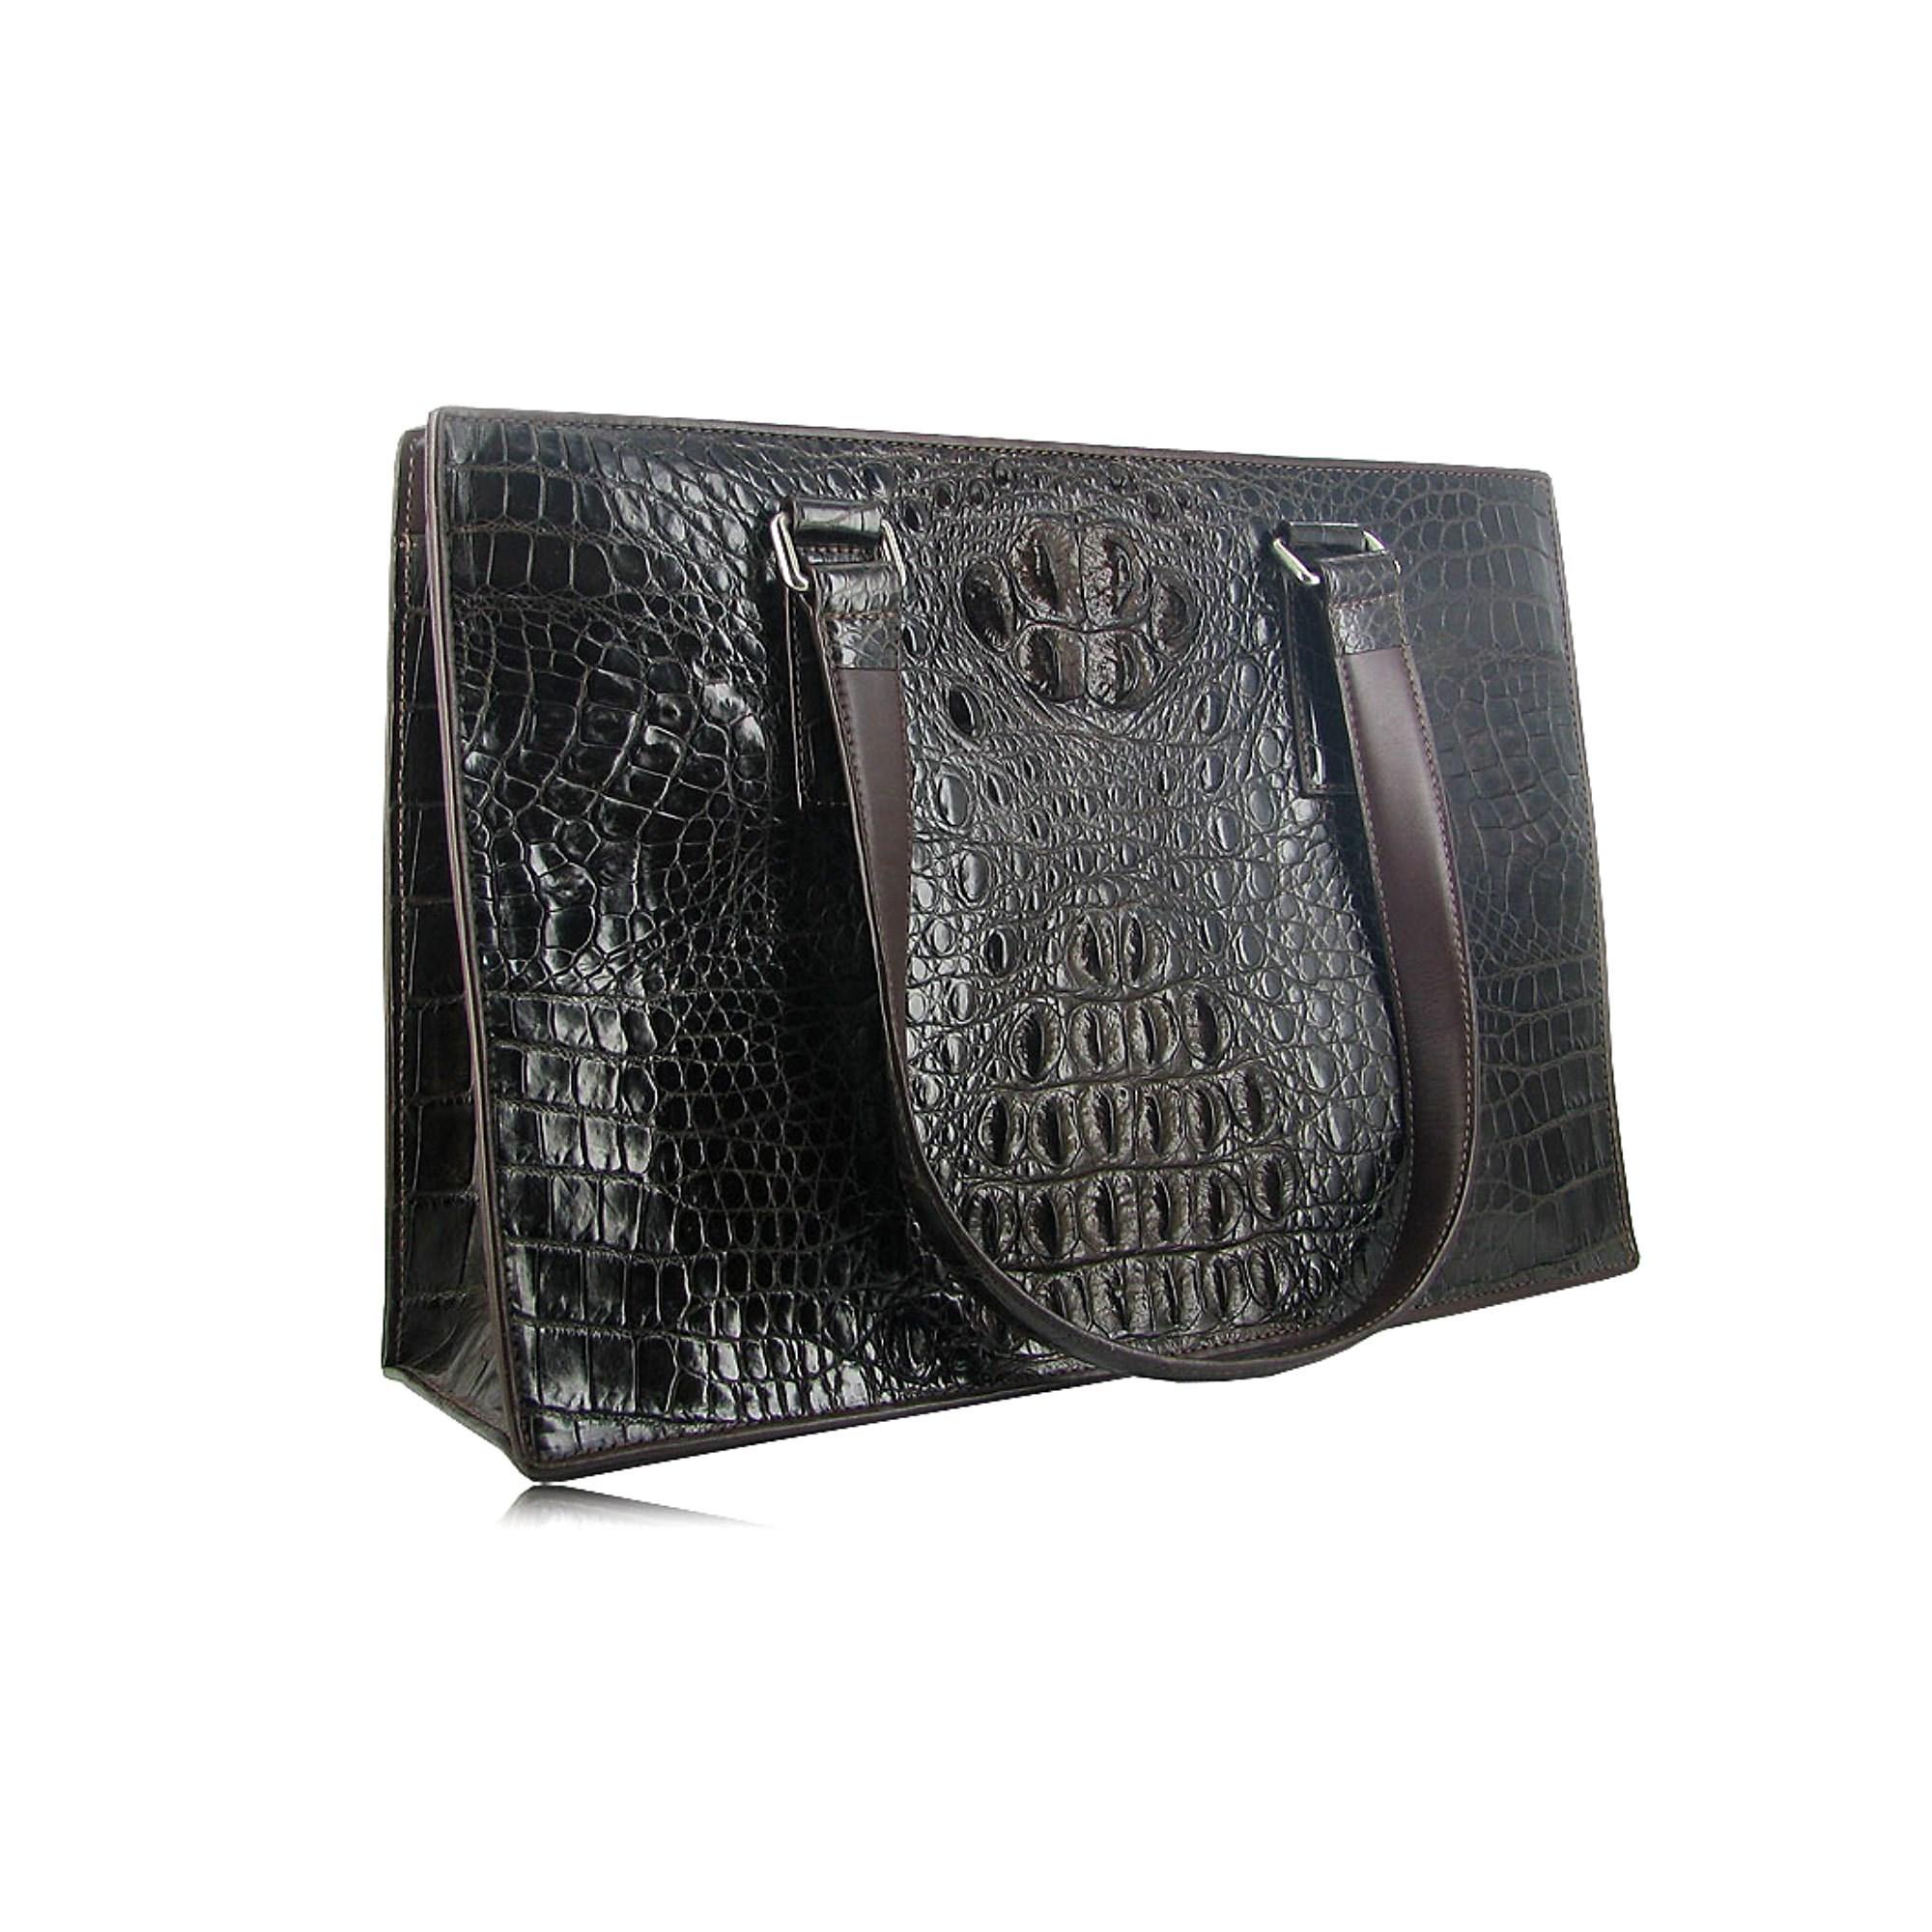 Женская расширенная сумка из кожи крокодила (цвет - шоколад)